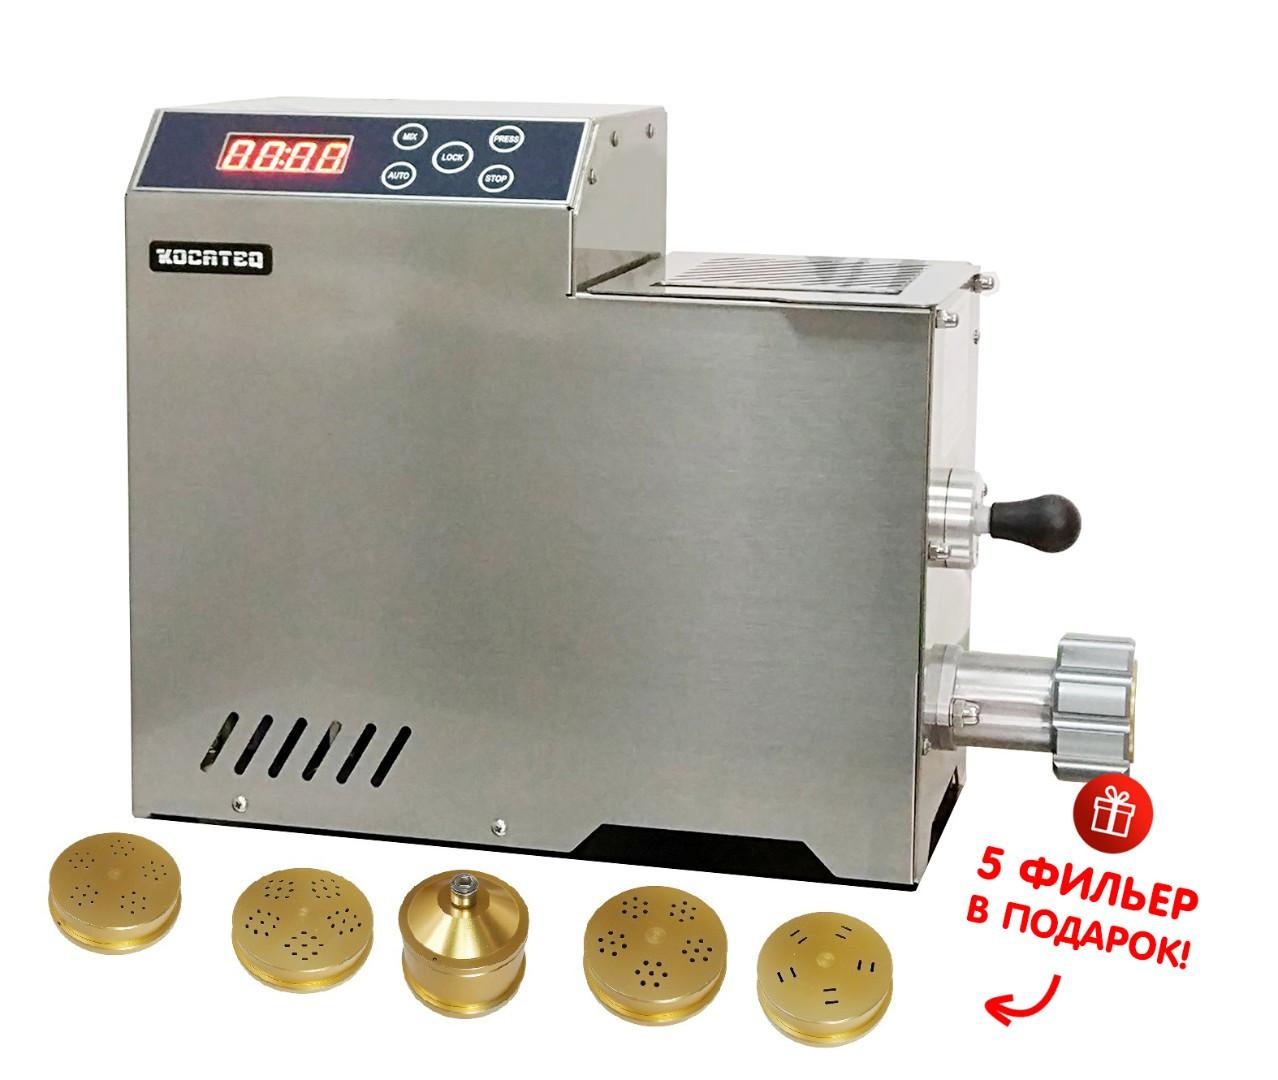 Экструдер для макаронных изделий Kocateq OMJ2